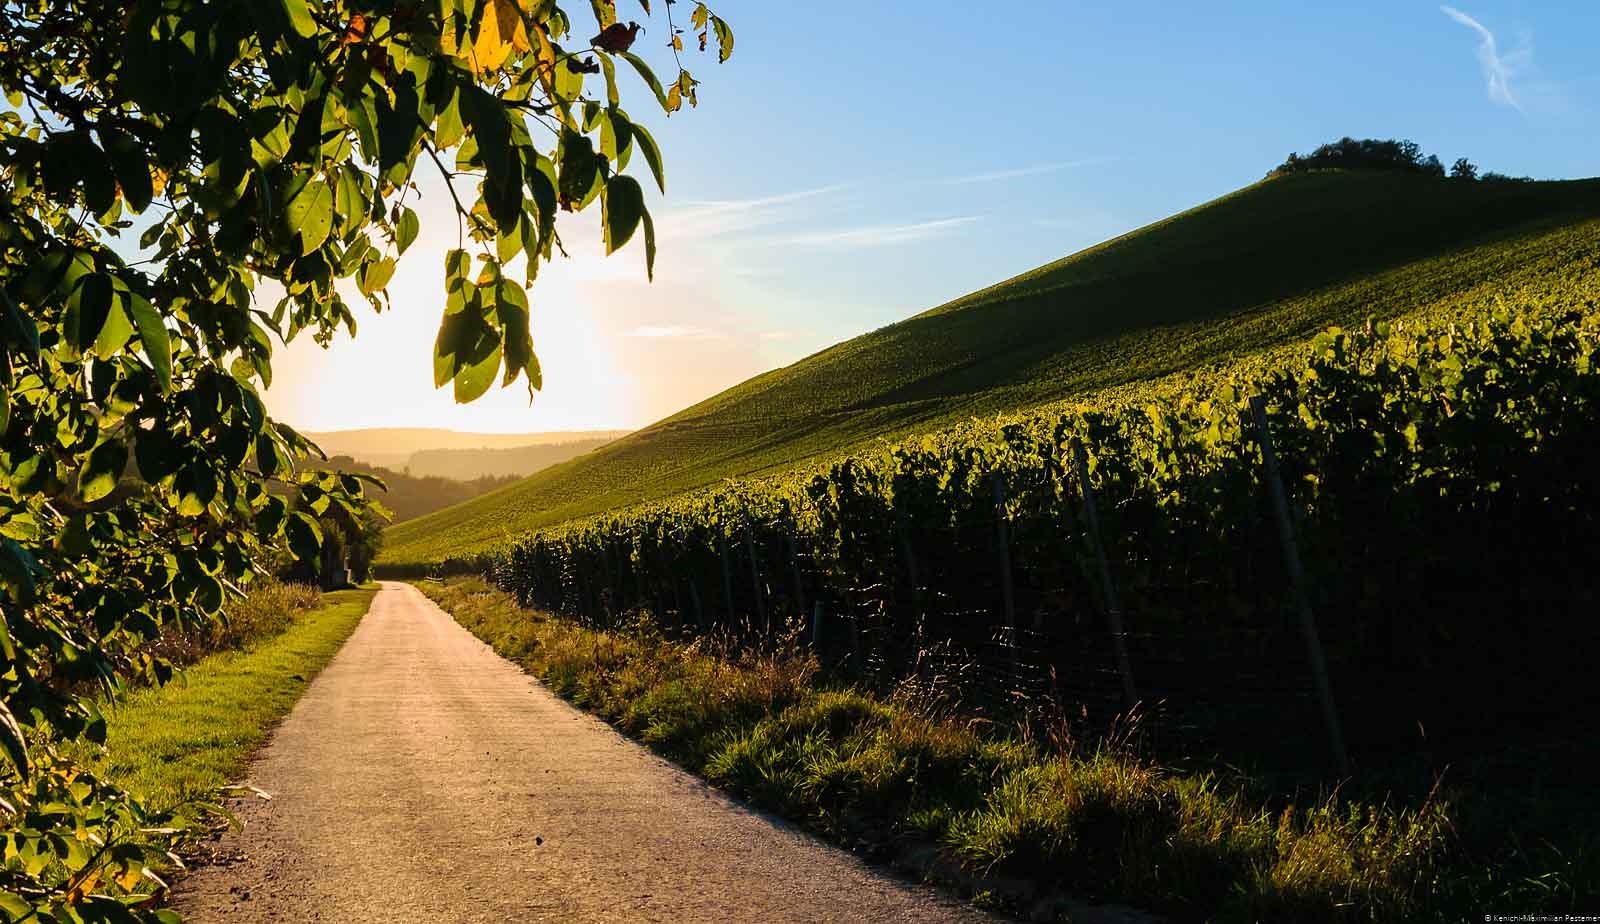 Auf der rechten Seite befindet sich der Weinberg Wiltinger Scharzhofberg, der ein Mythos ist. Vorne links verläuft eine geteerte Straße. Oben links sind Blätter und Äste eines Baumes. Am blauen Himmel im Hintergrund geht die Sonne unter. Auf der linken Seite liegt das Weingut von Egon Müller. Der Weinberg ist das Synonym für edelsüße Saar Rieslinge.